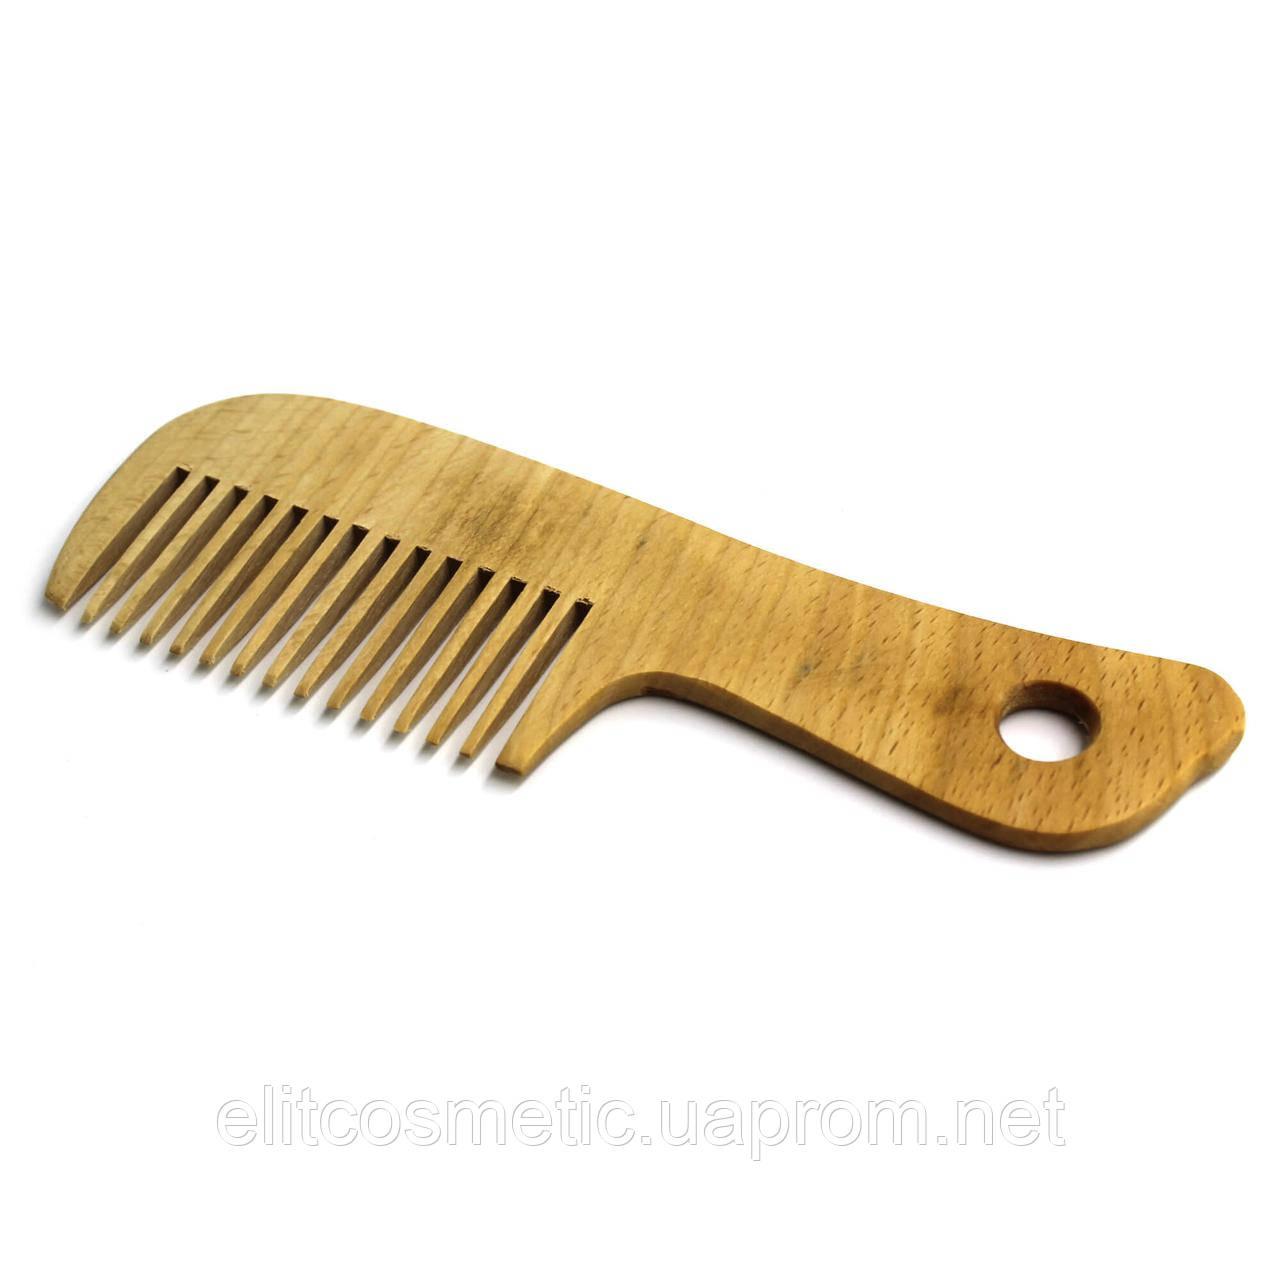 Гребень для волос  из дерева SPL 1553